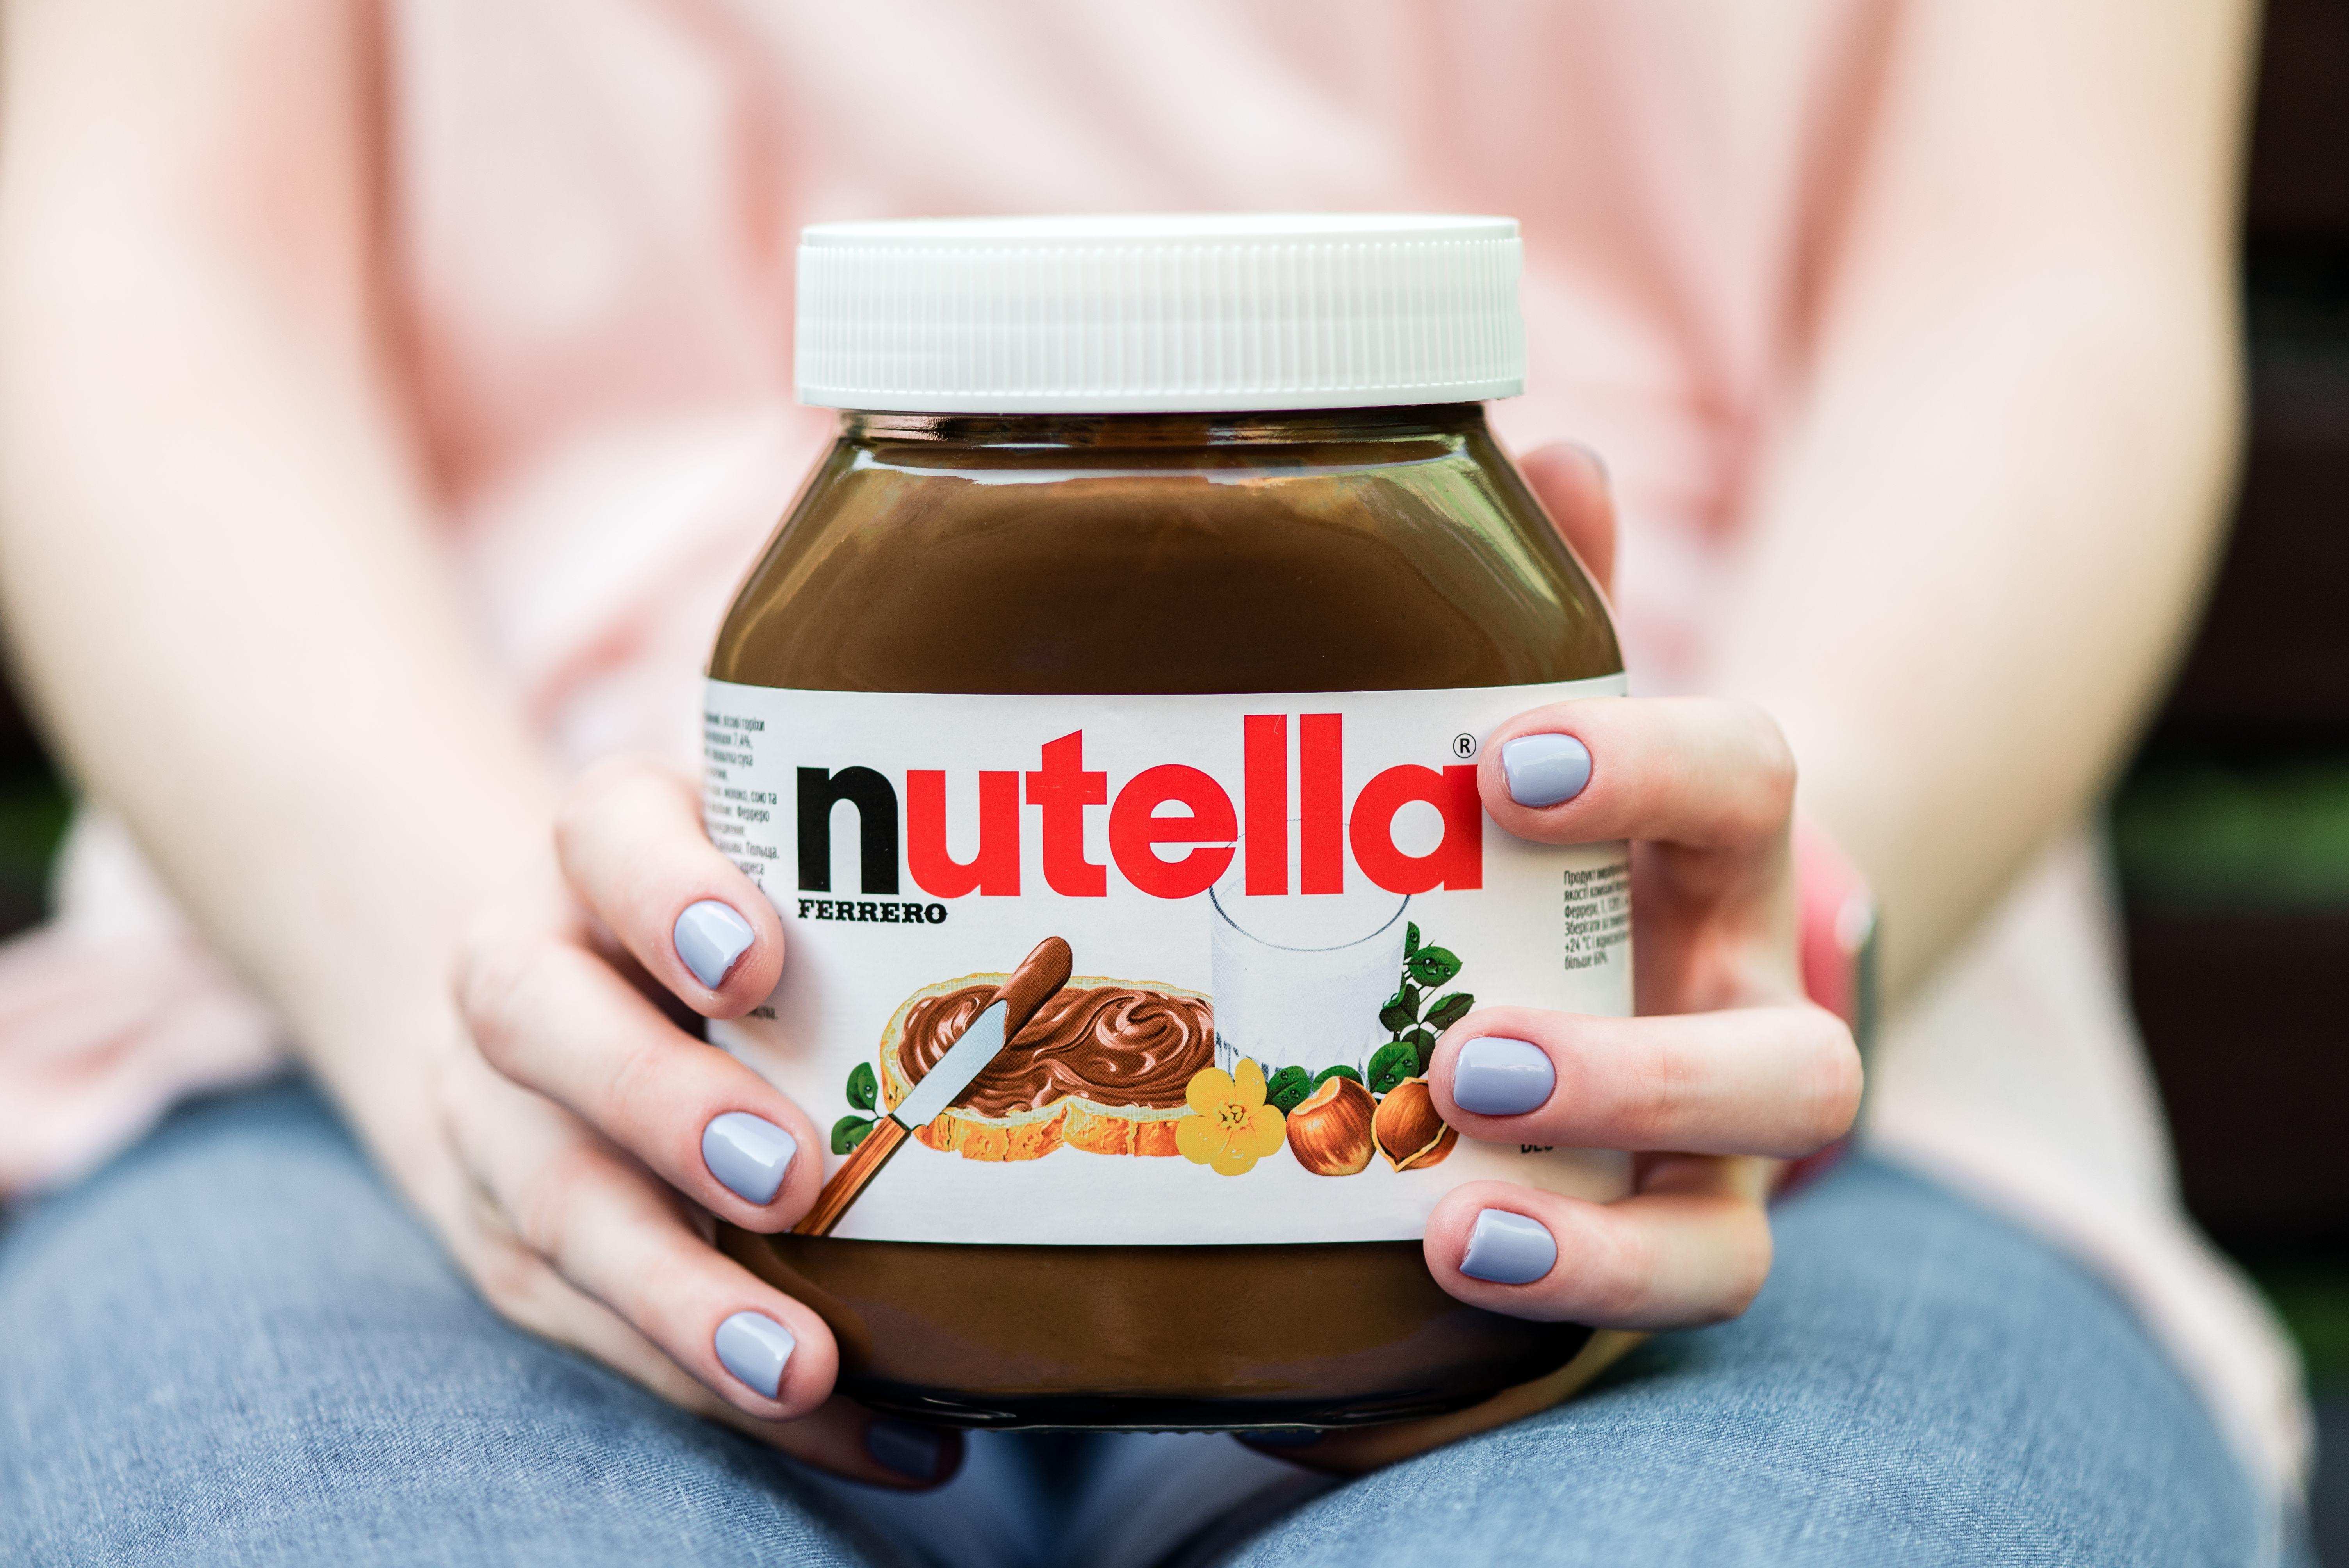 Italiaanse supermarktketens bannen Nutella uit hun schappen en dit is waarom!